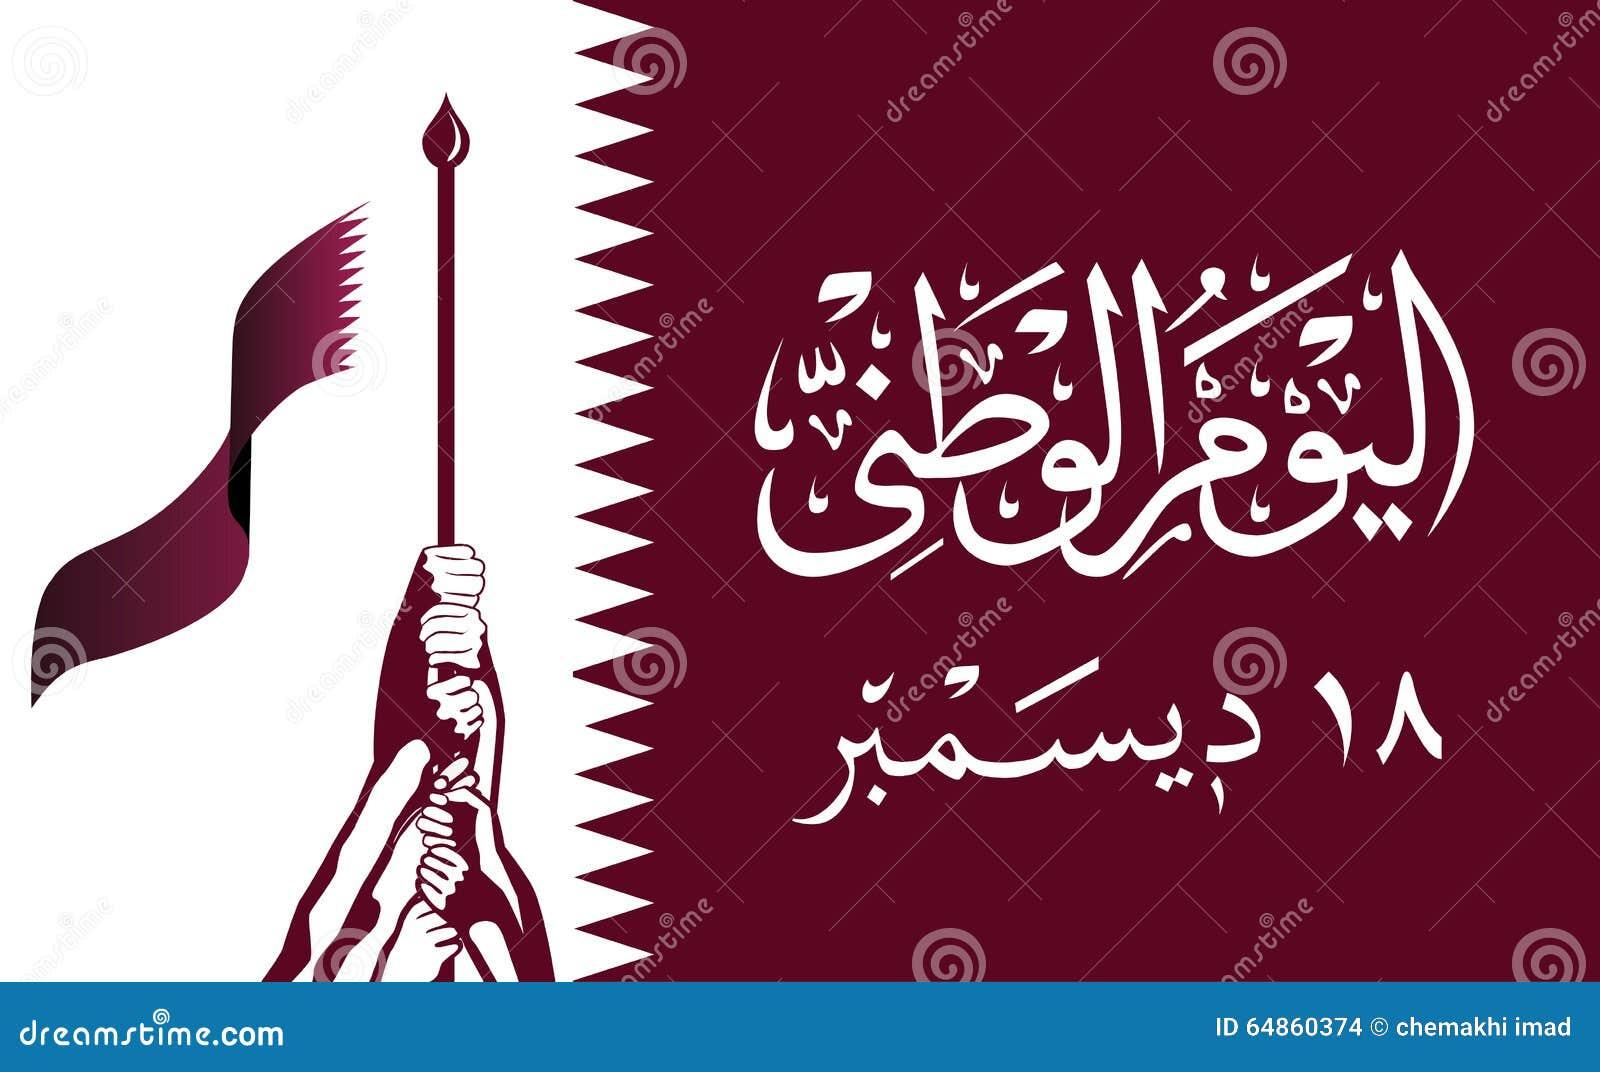 Εθνική μέρα του Κατάρ, ημέρα της ανεξαρτησίας του Κατάρ